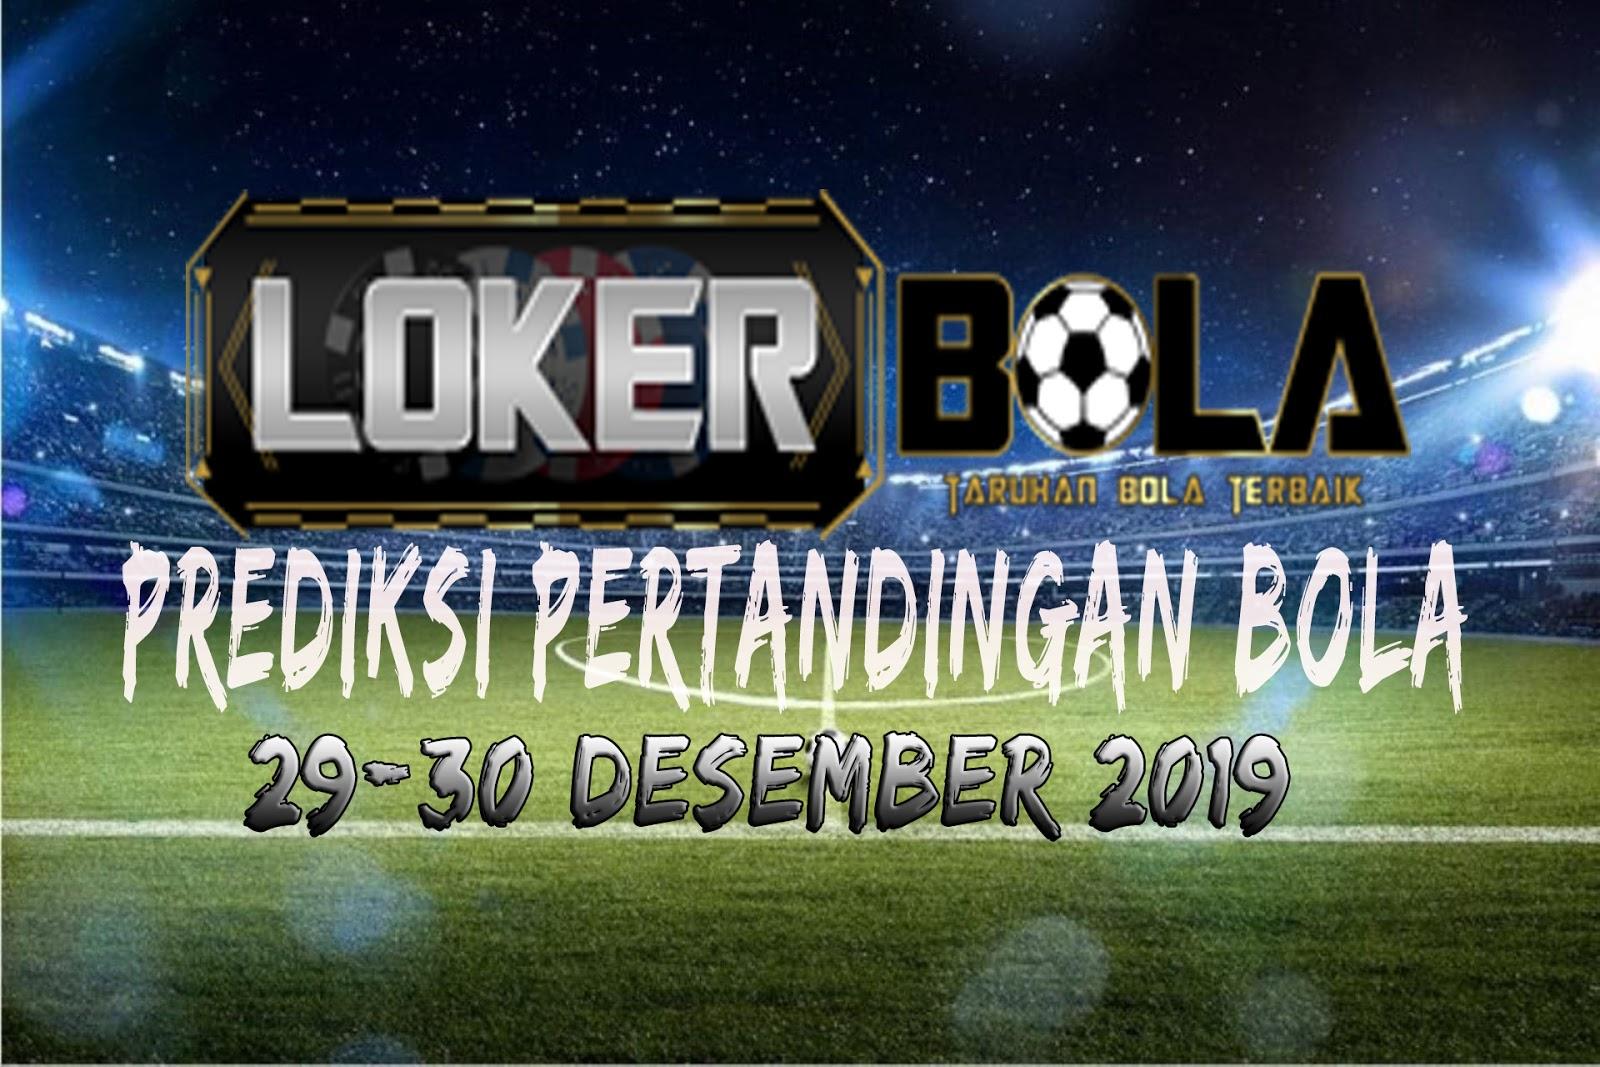 PREDIKSI PERTANDINGAN BOLA 29 – 30 DESEMBER 2019